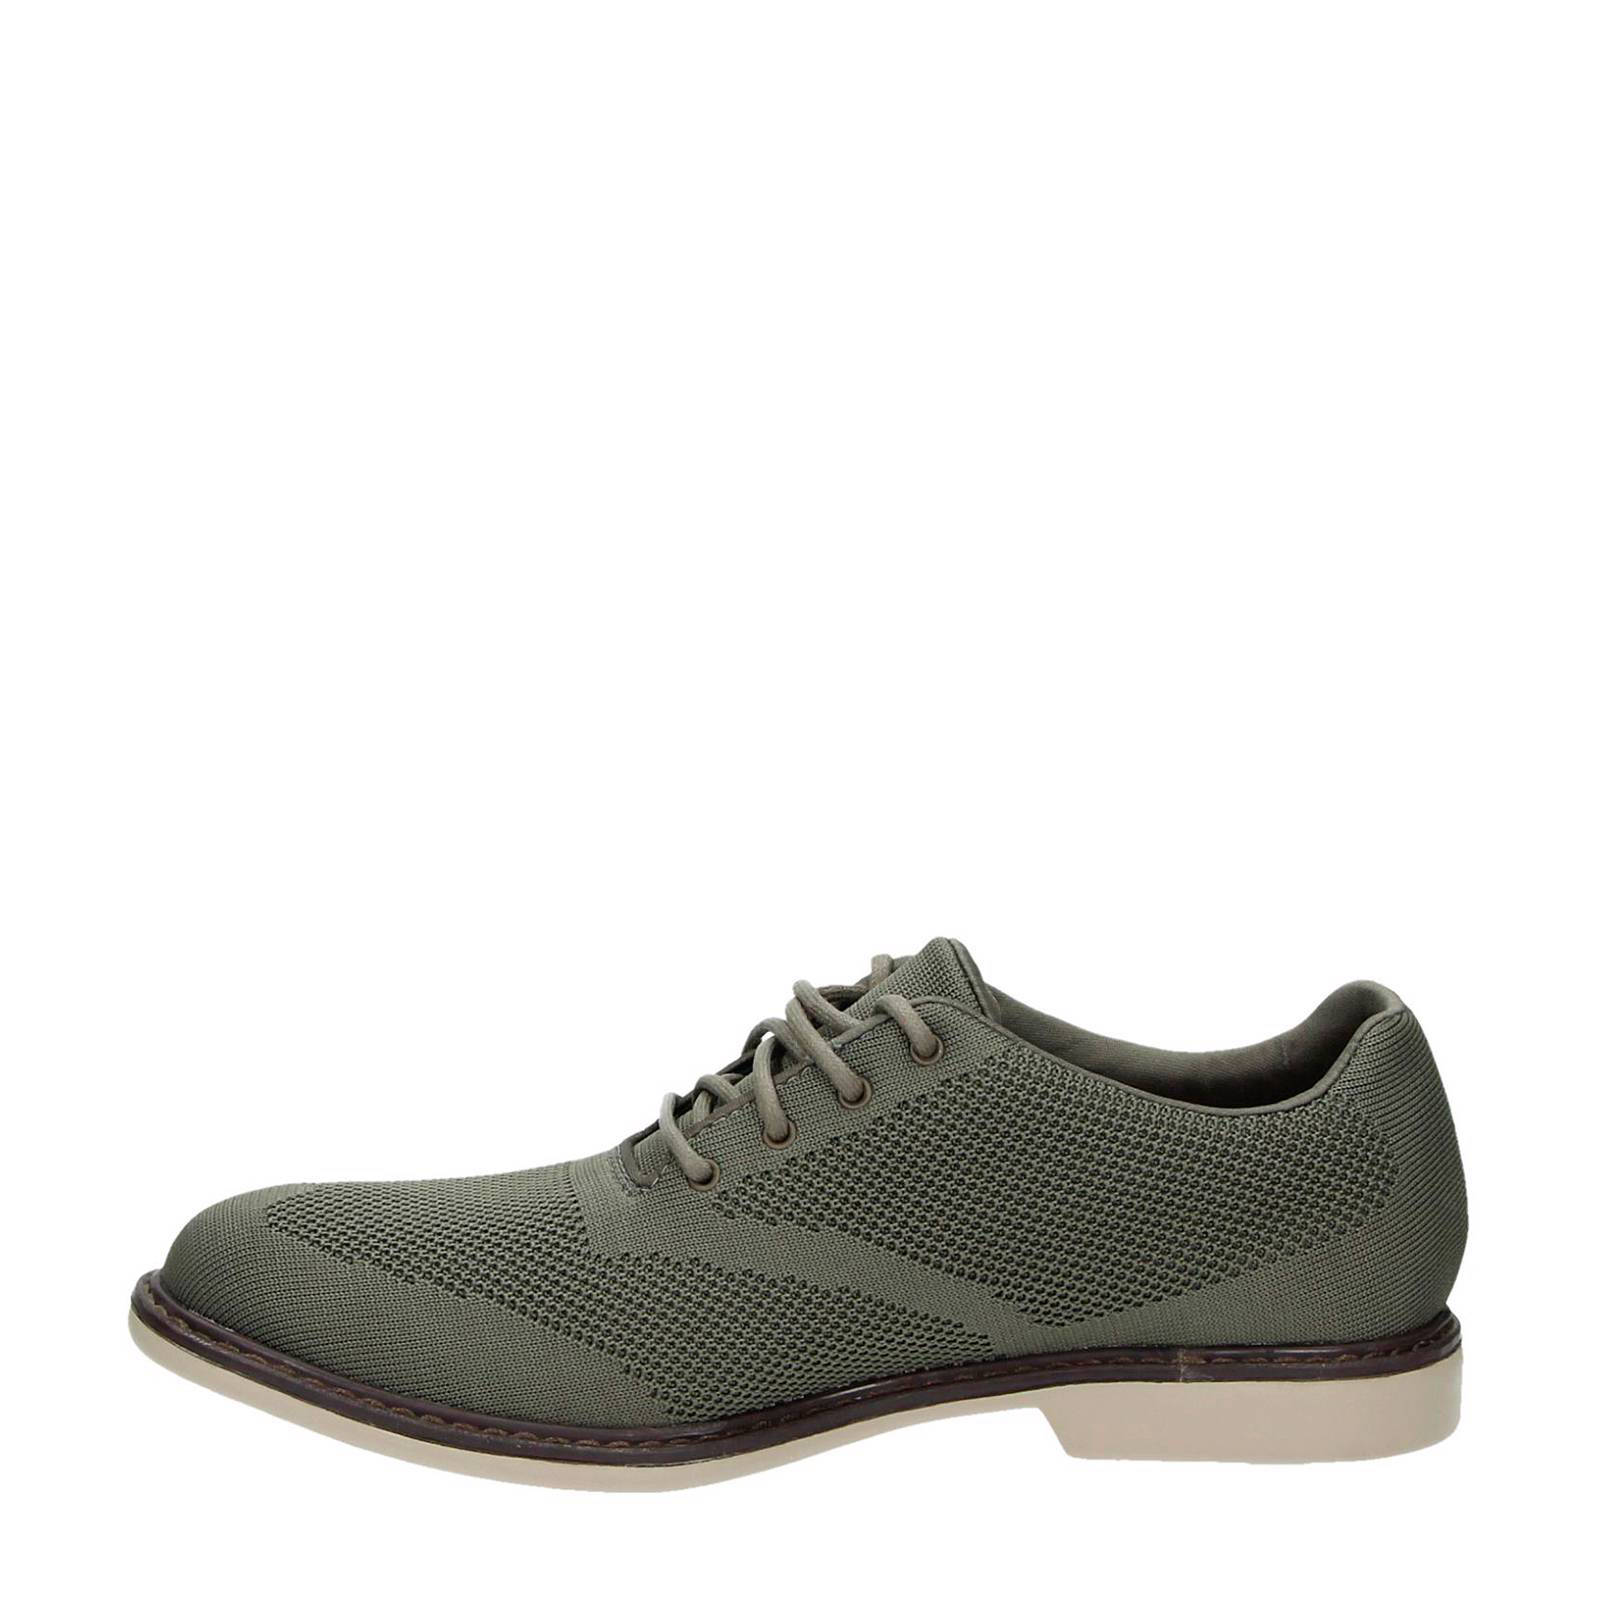 Skechers Marque Chaussures Nason Avec Les Hommes Lacer TLZzVGbT6